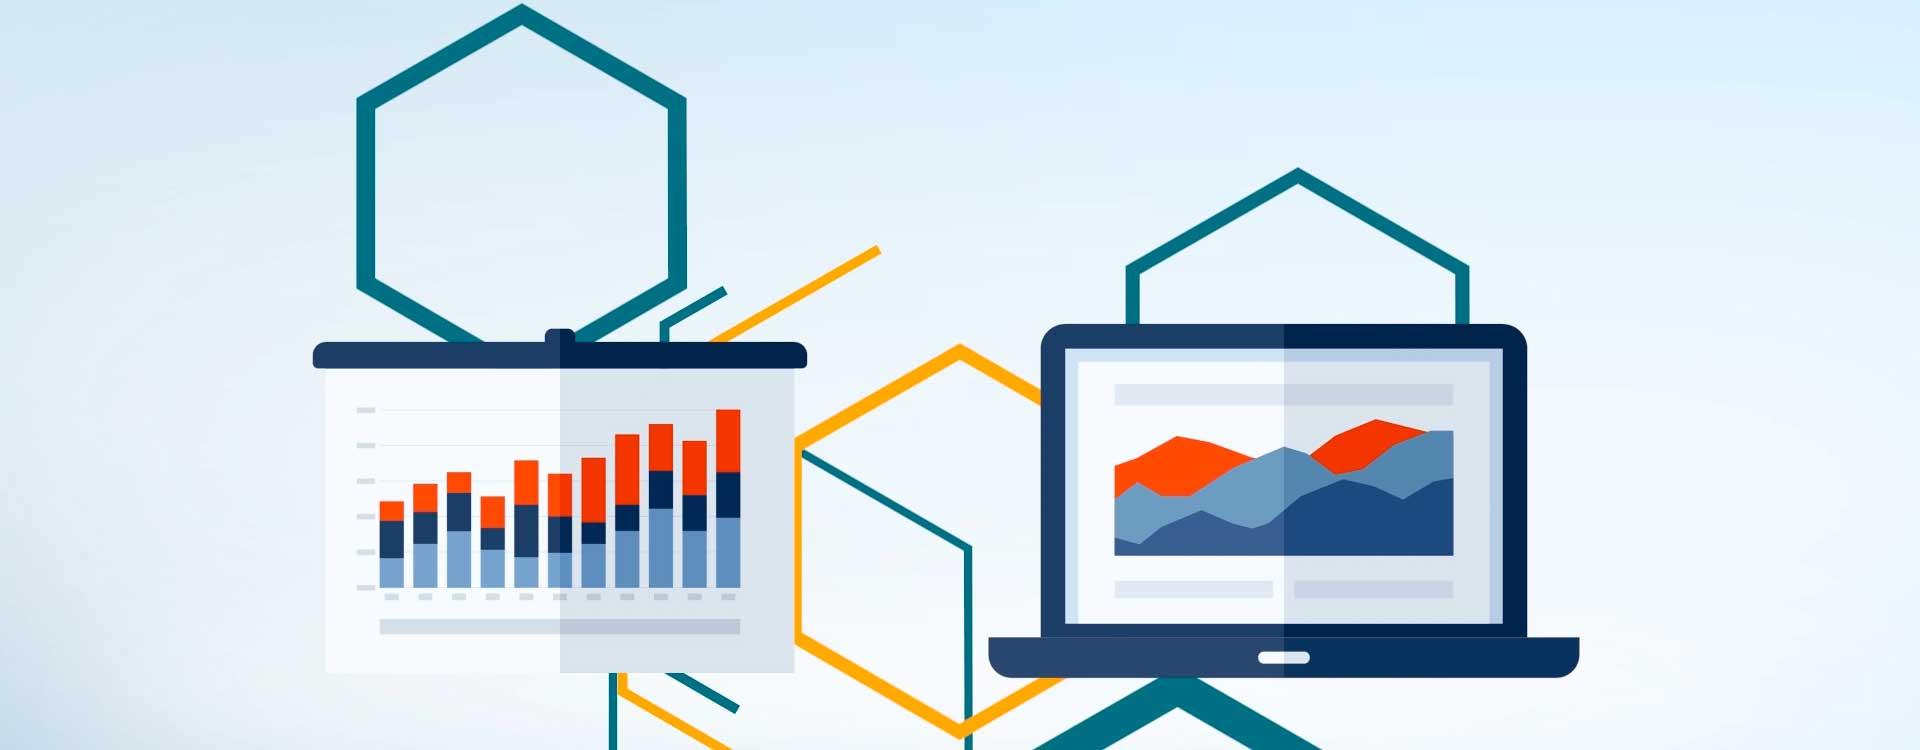 Le crédit agricole des Savoie nous a confié la réalisation d'un motion design pour promouvoir e-savoie, leur banque 100% en ligne.